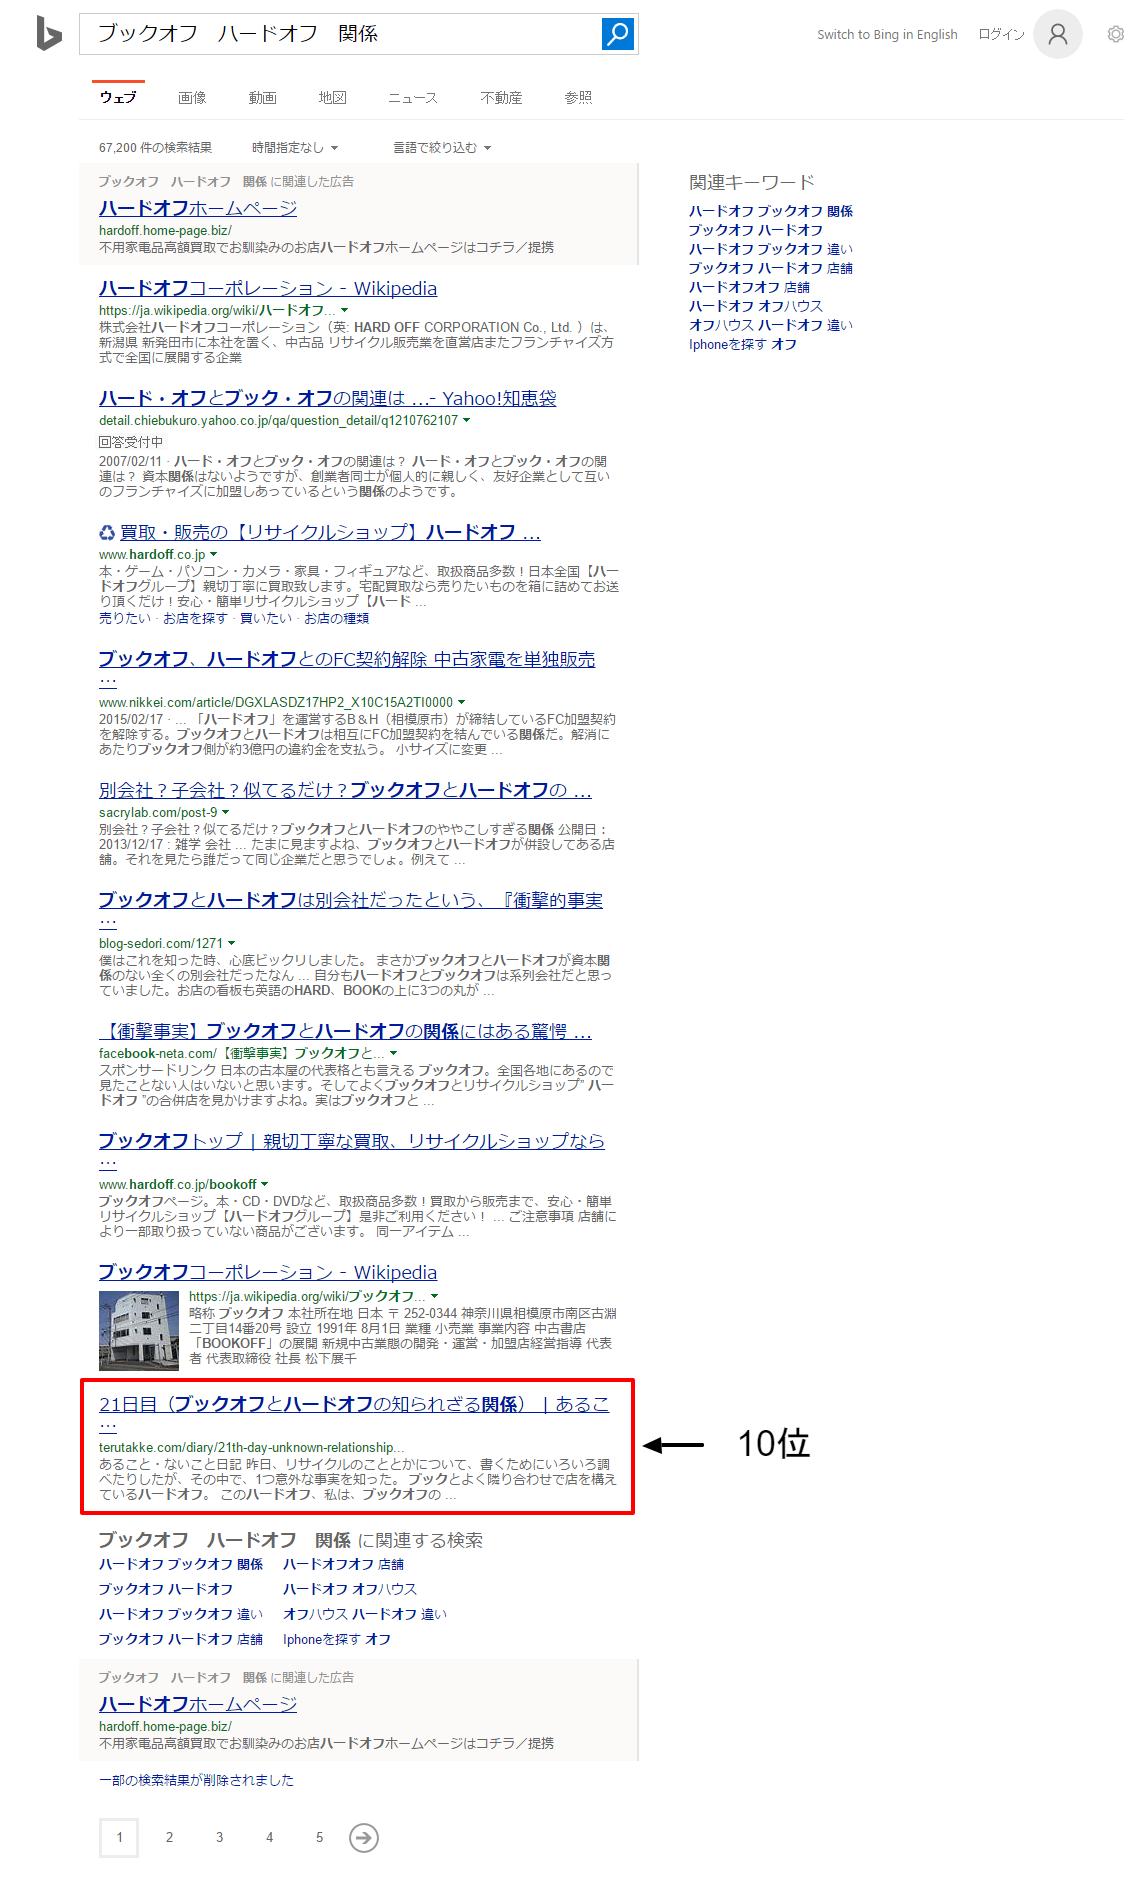 ブックオフ ハードオフ 関係   Bing